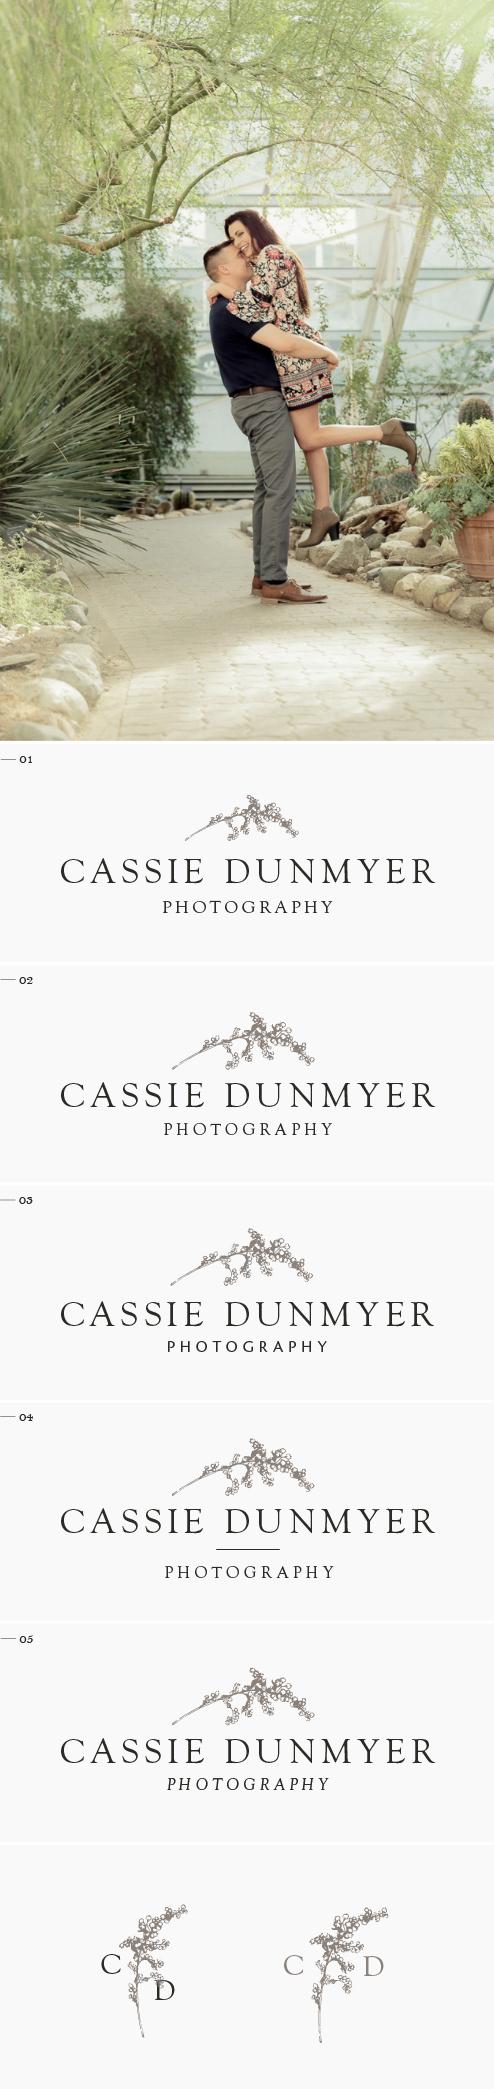 Cassie-Dunmyer-Photography-Logo-Round-Three.jpg